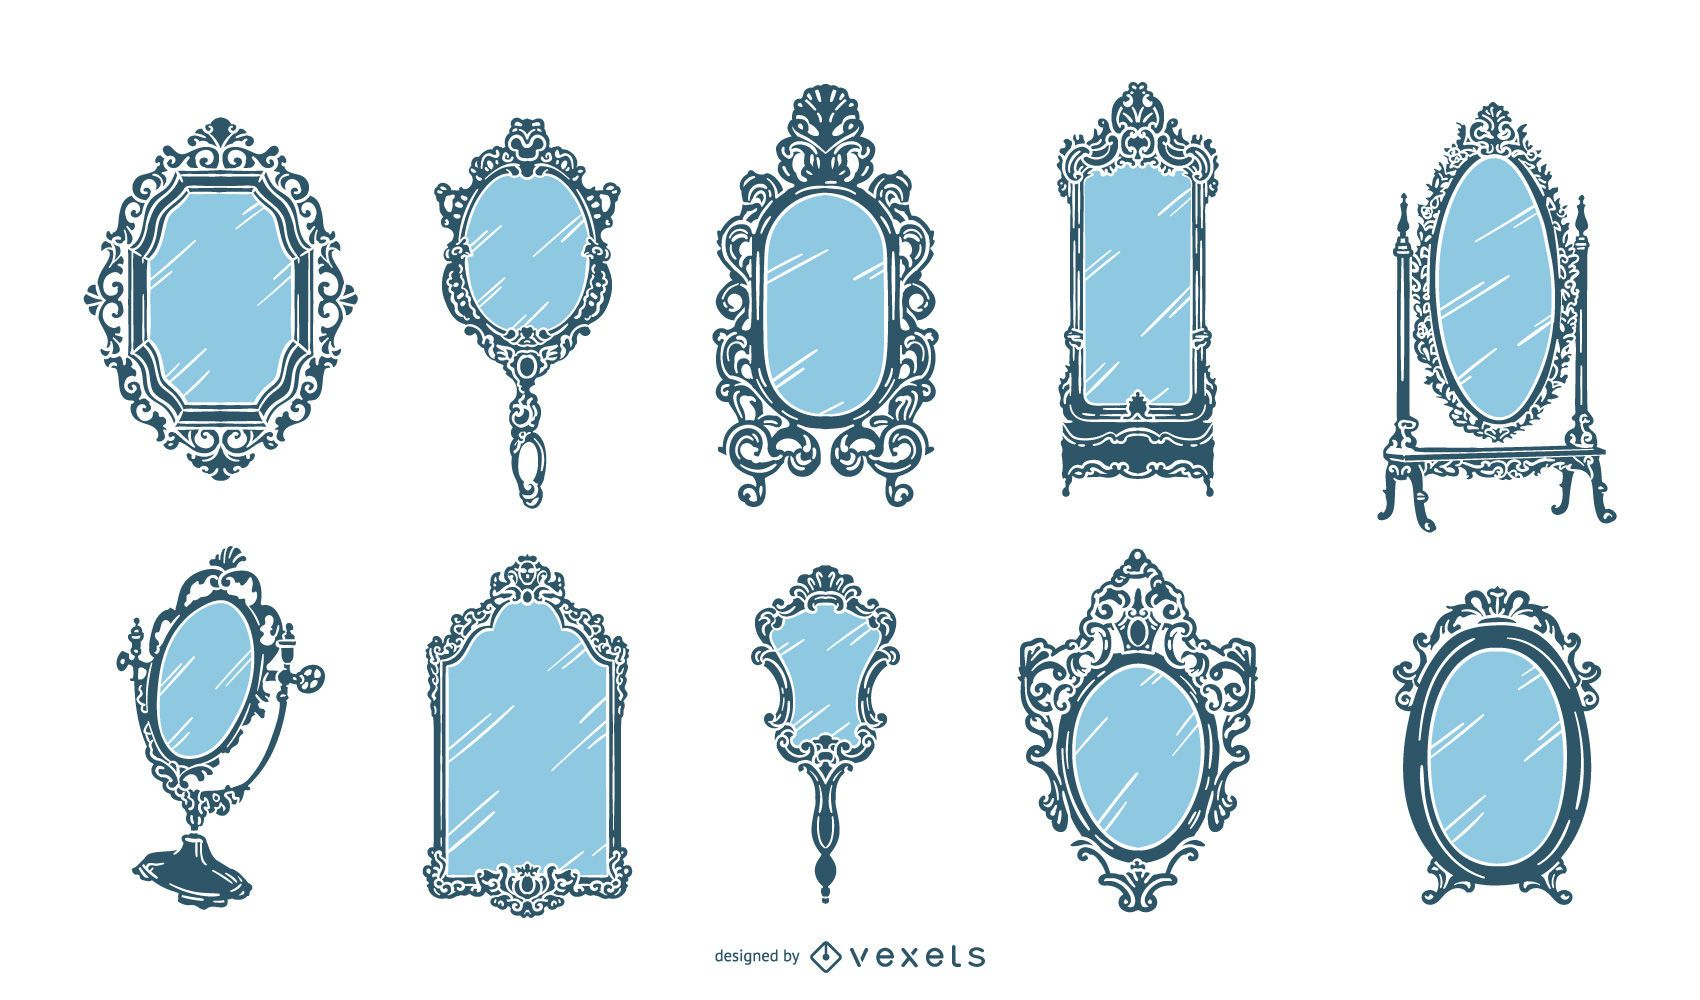 Coleção Old Vintage Mirror Design